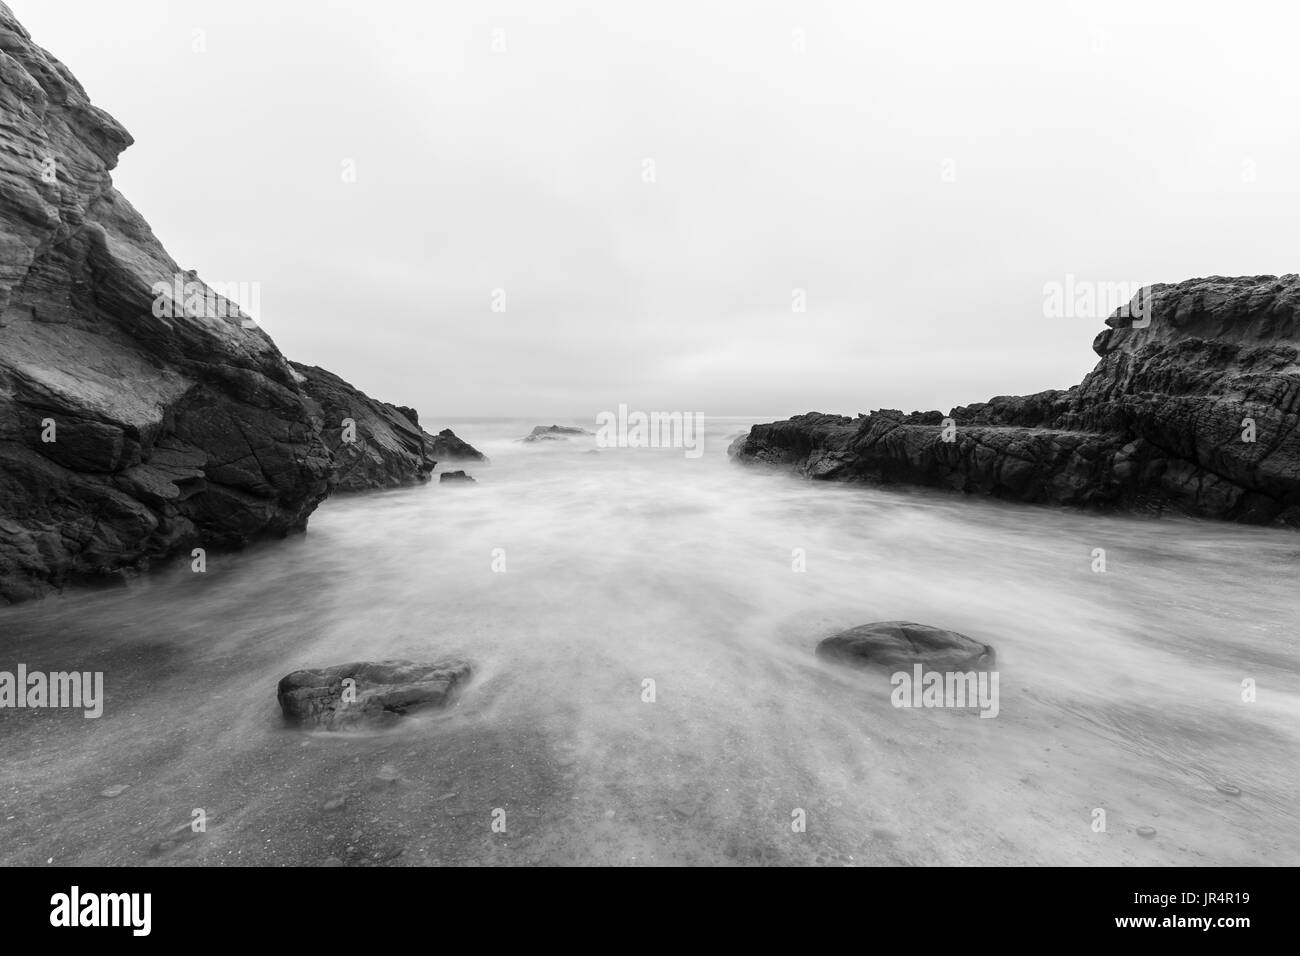 Rocky la plage de Malibu avec le flou de l'eau dans le noir et blanc. Photo Stock